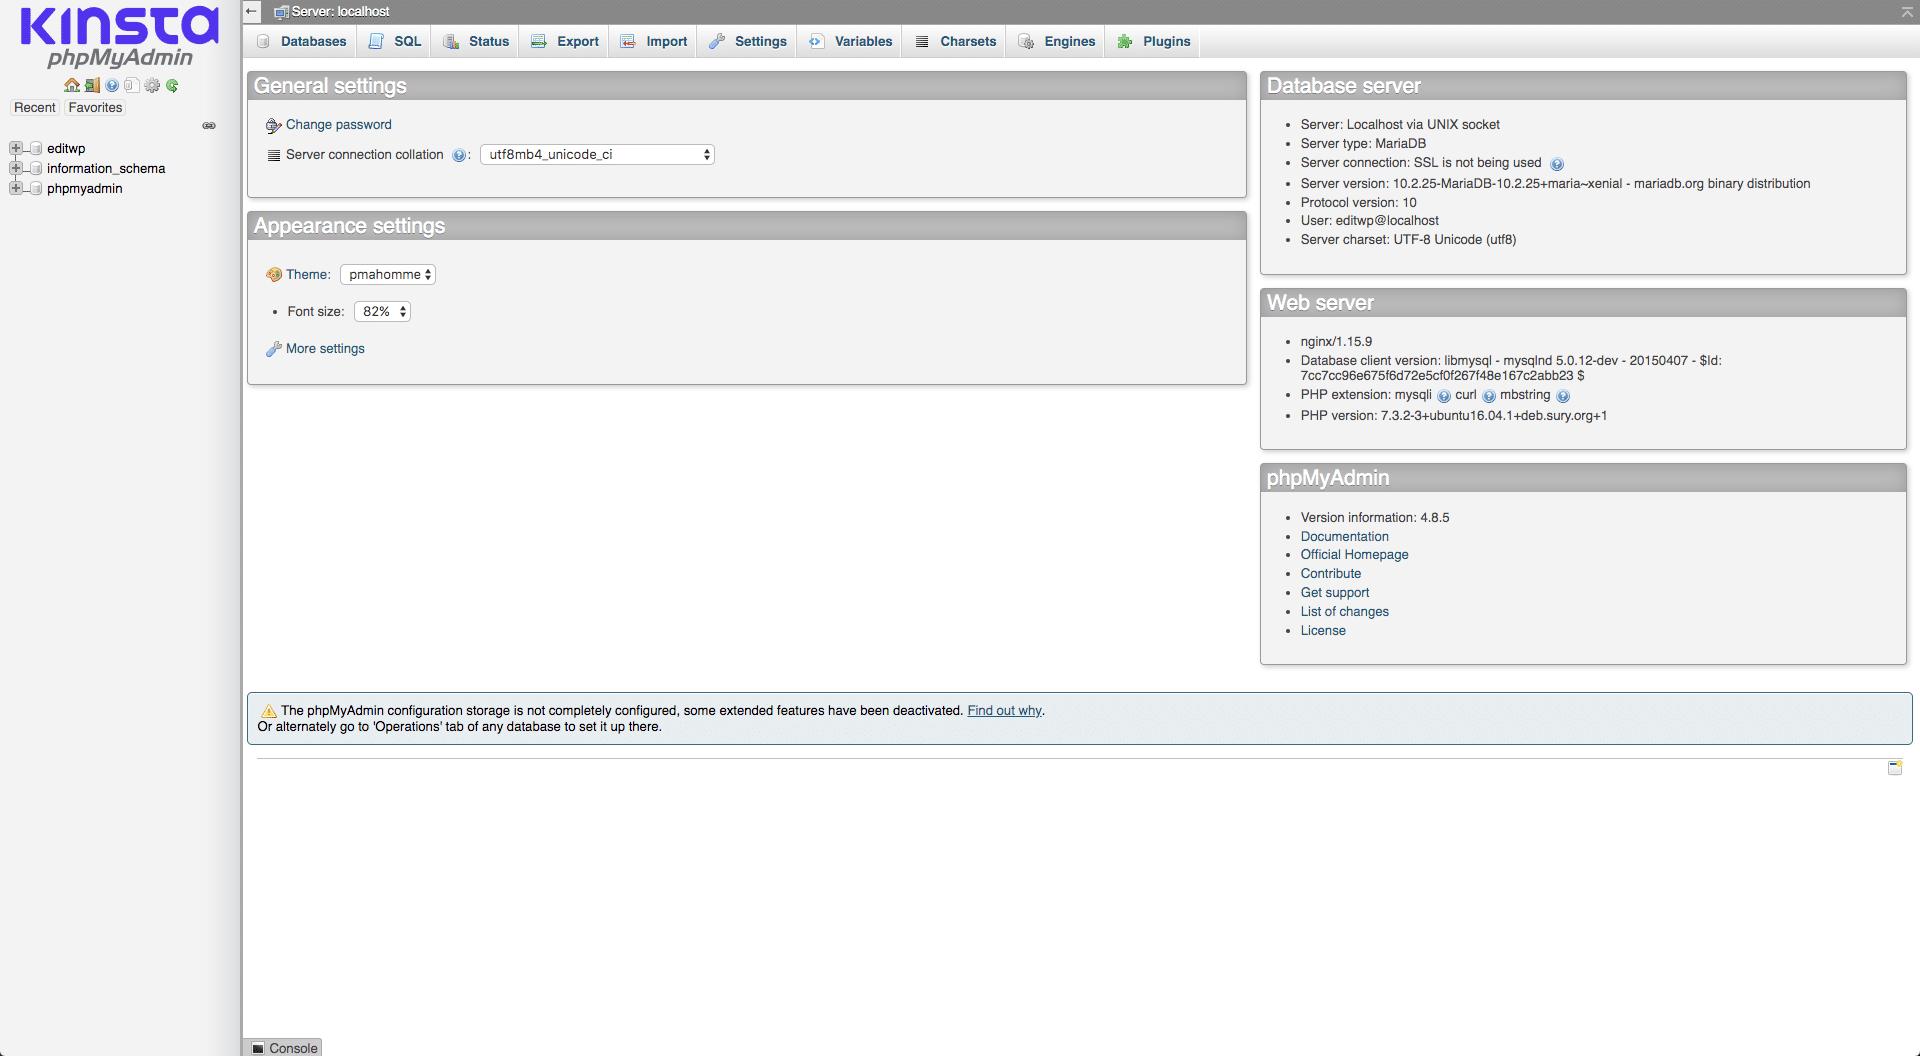 phpMyAdmin-manager